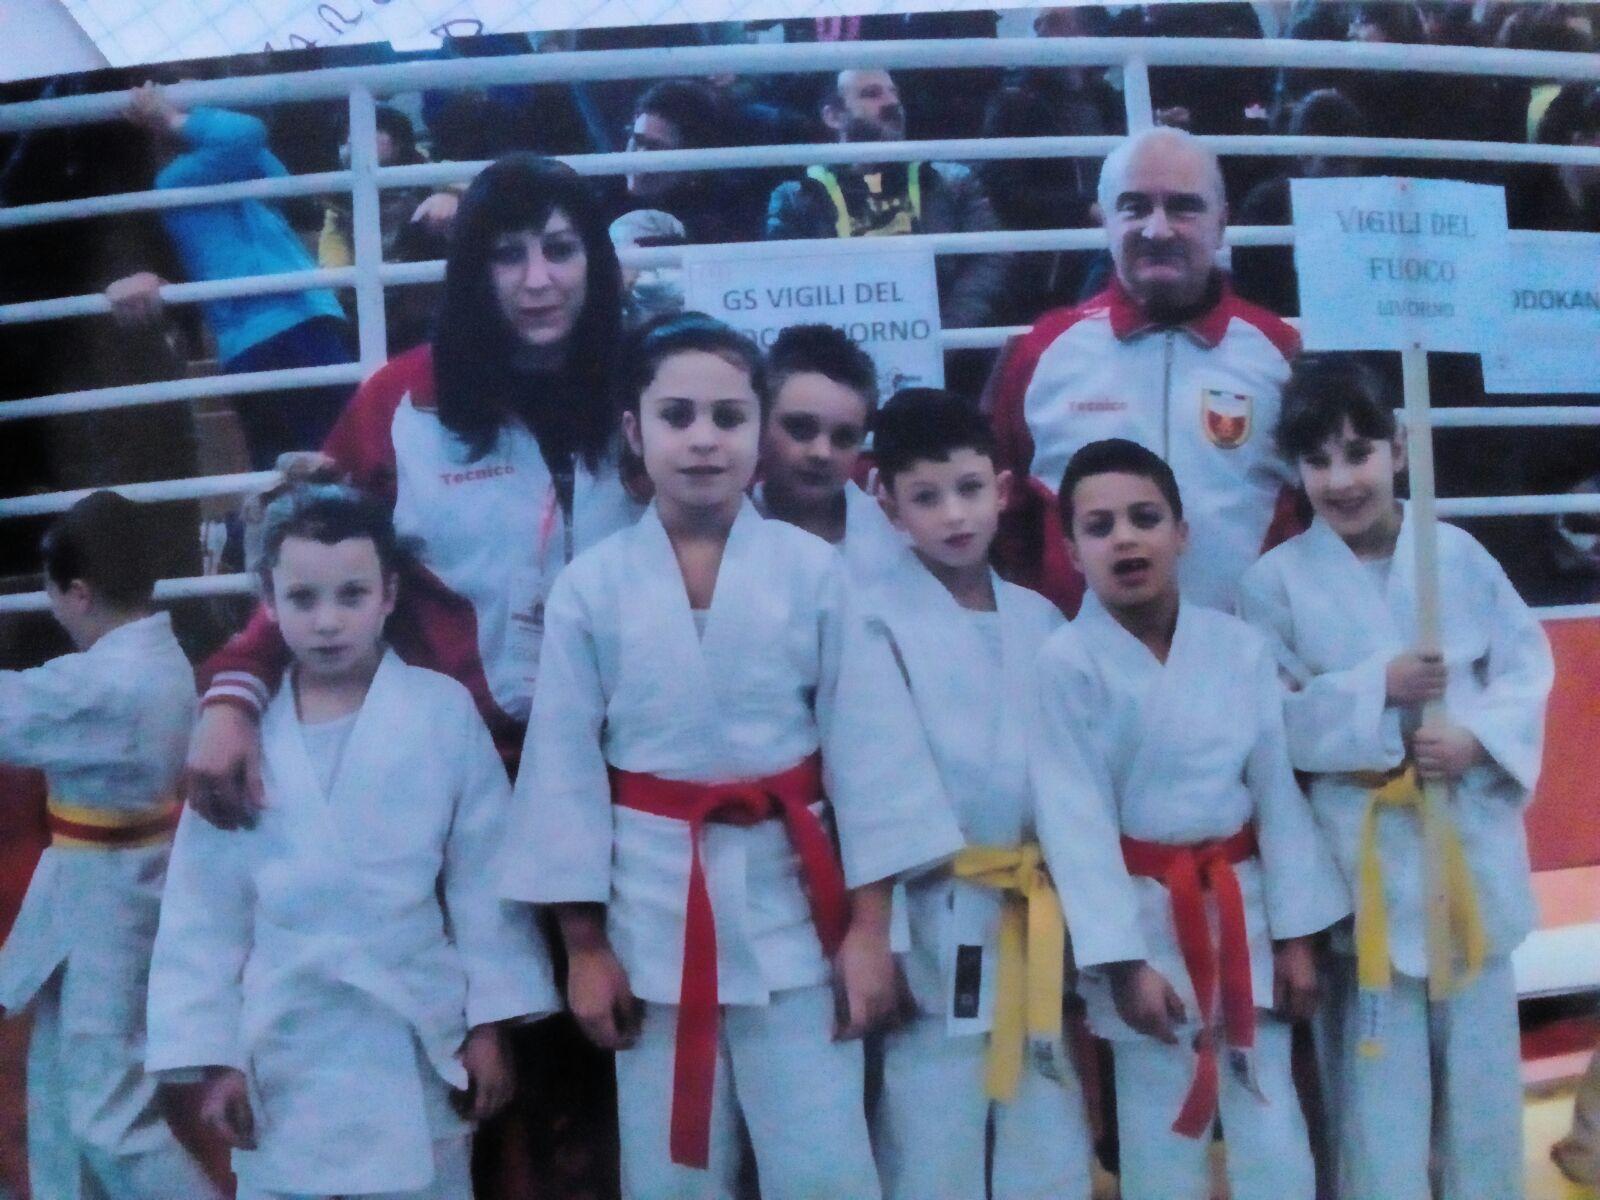 I piccoli judoka del gs vigili del fuoco conquistato 11 - Judo bagno a ripoli ...